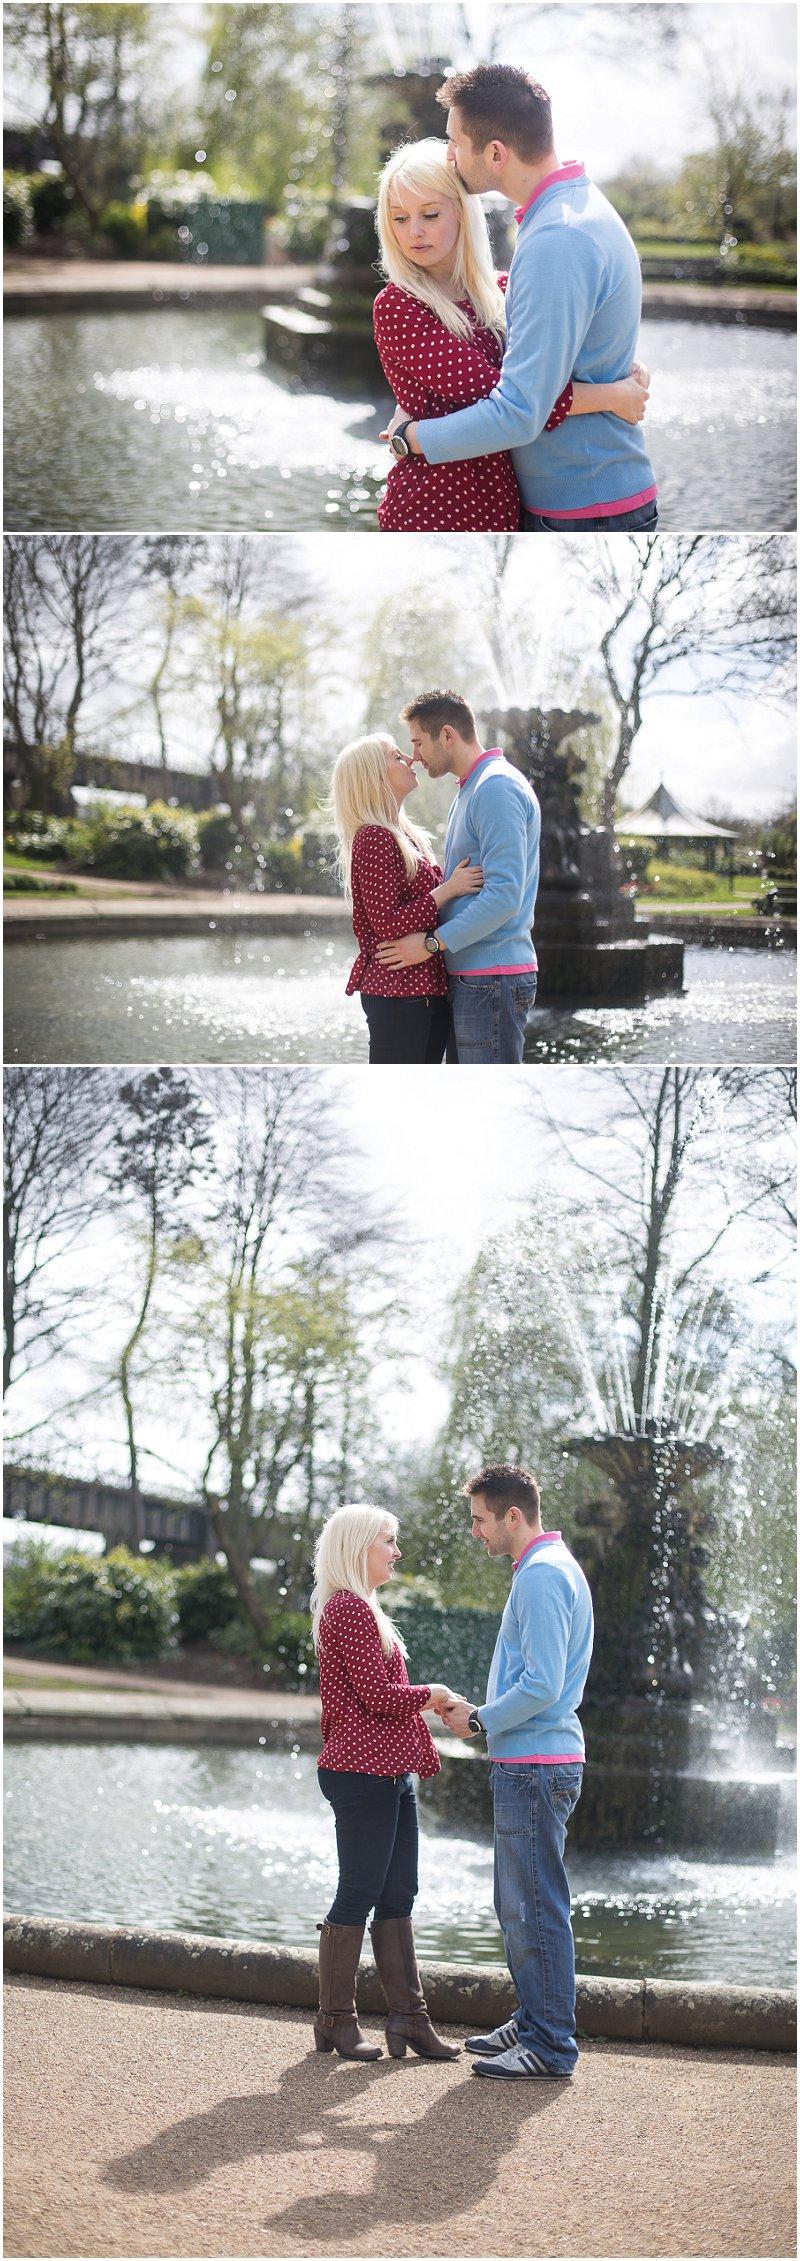 Lancashire Wedding Photography Engagement Shoot Avenham Park